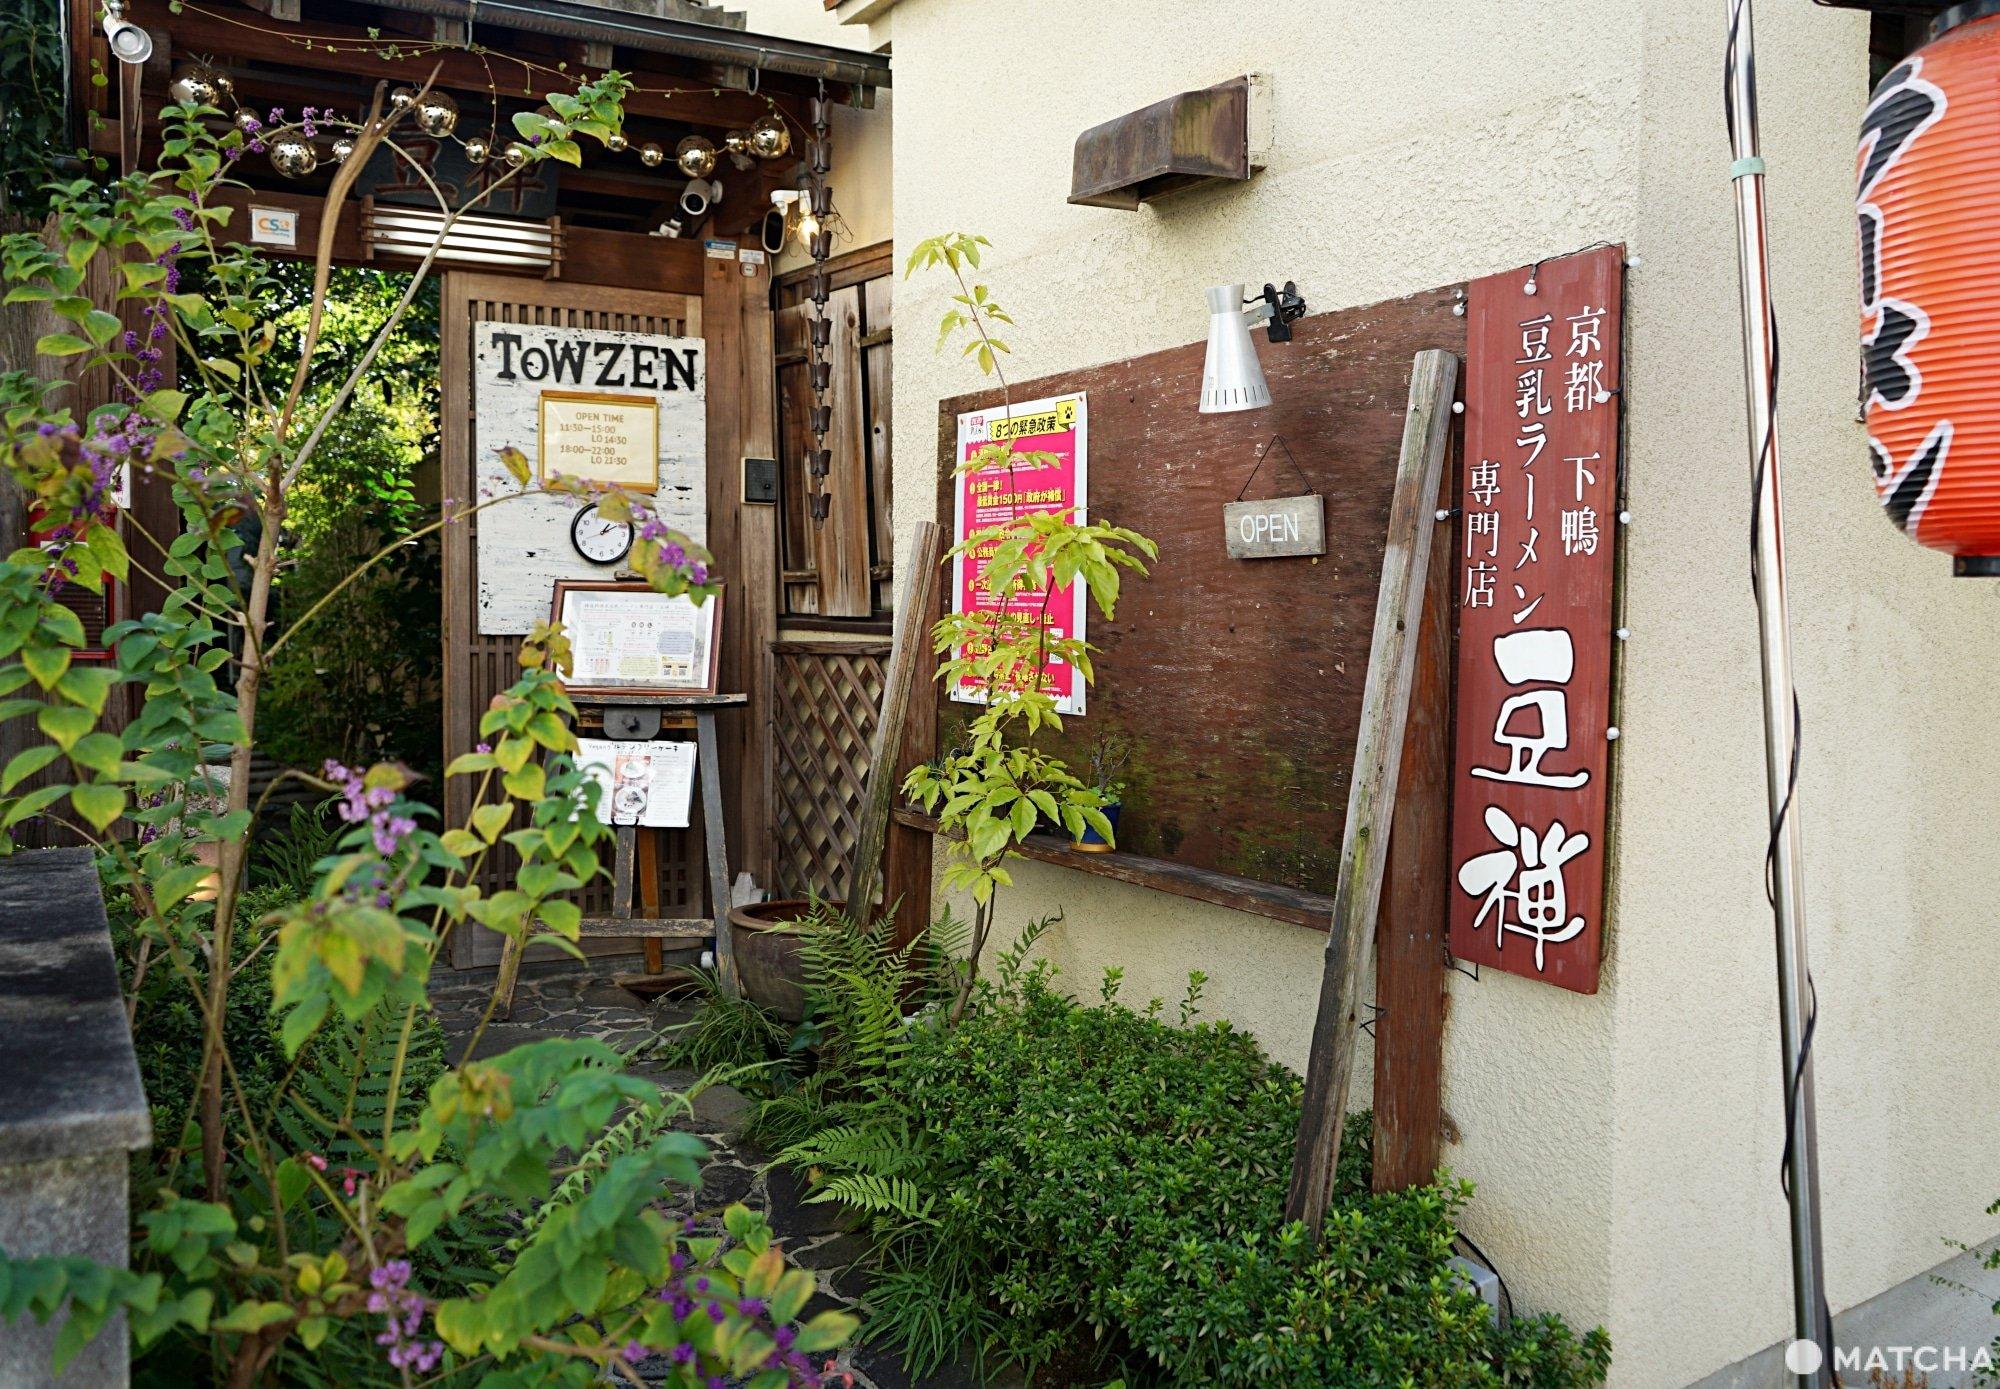 towzen ramen, kyoto